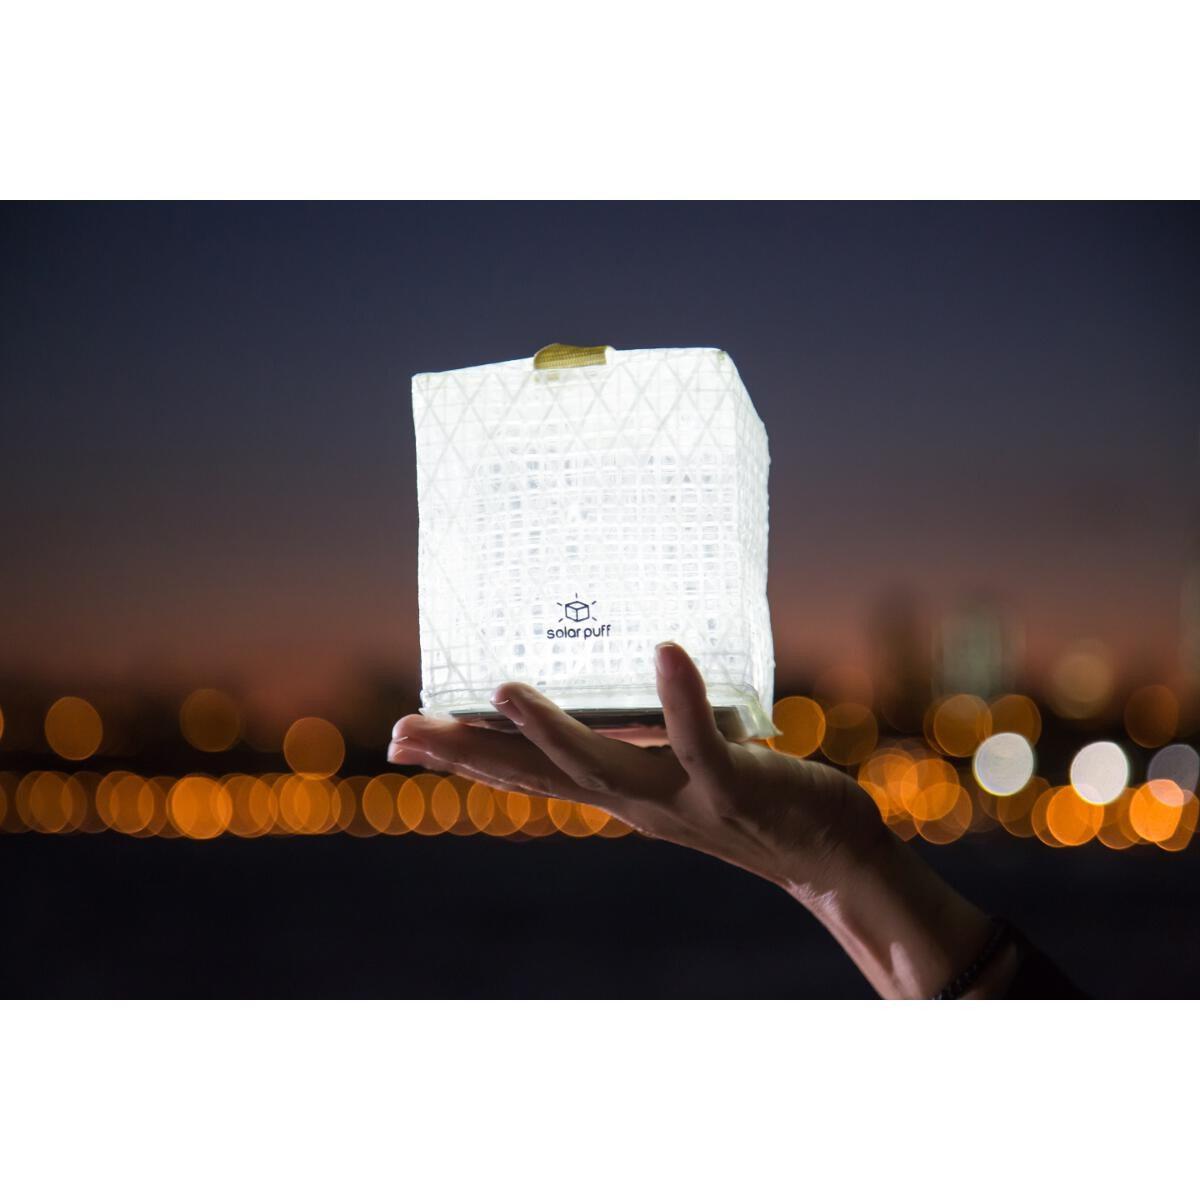 Design-Solarleuchte für den guten Zweck